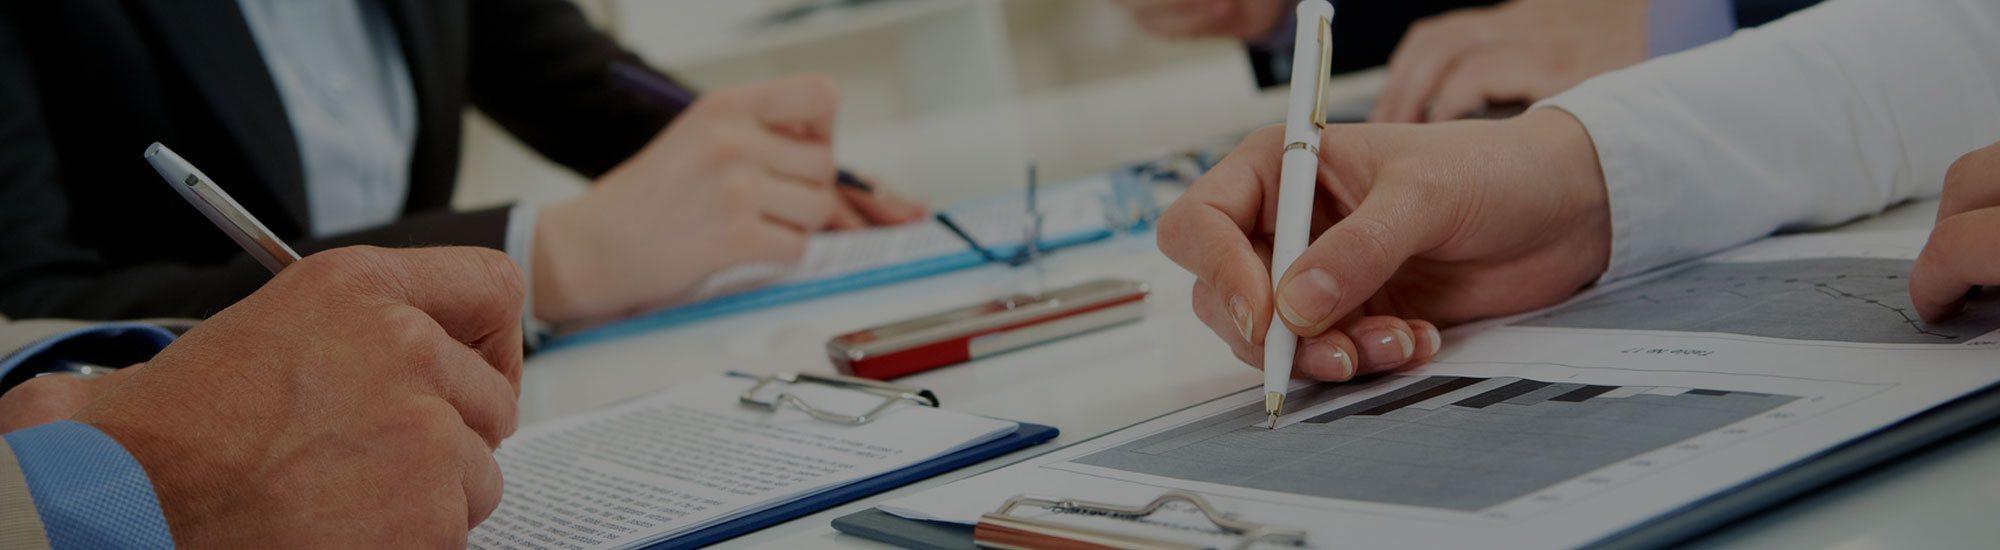 Vat consultancy services UAE